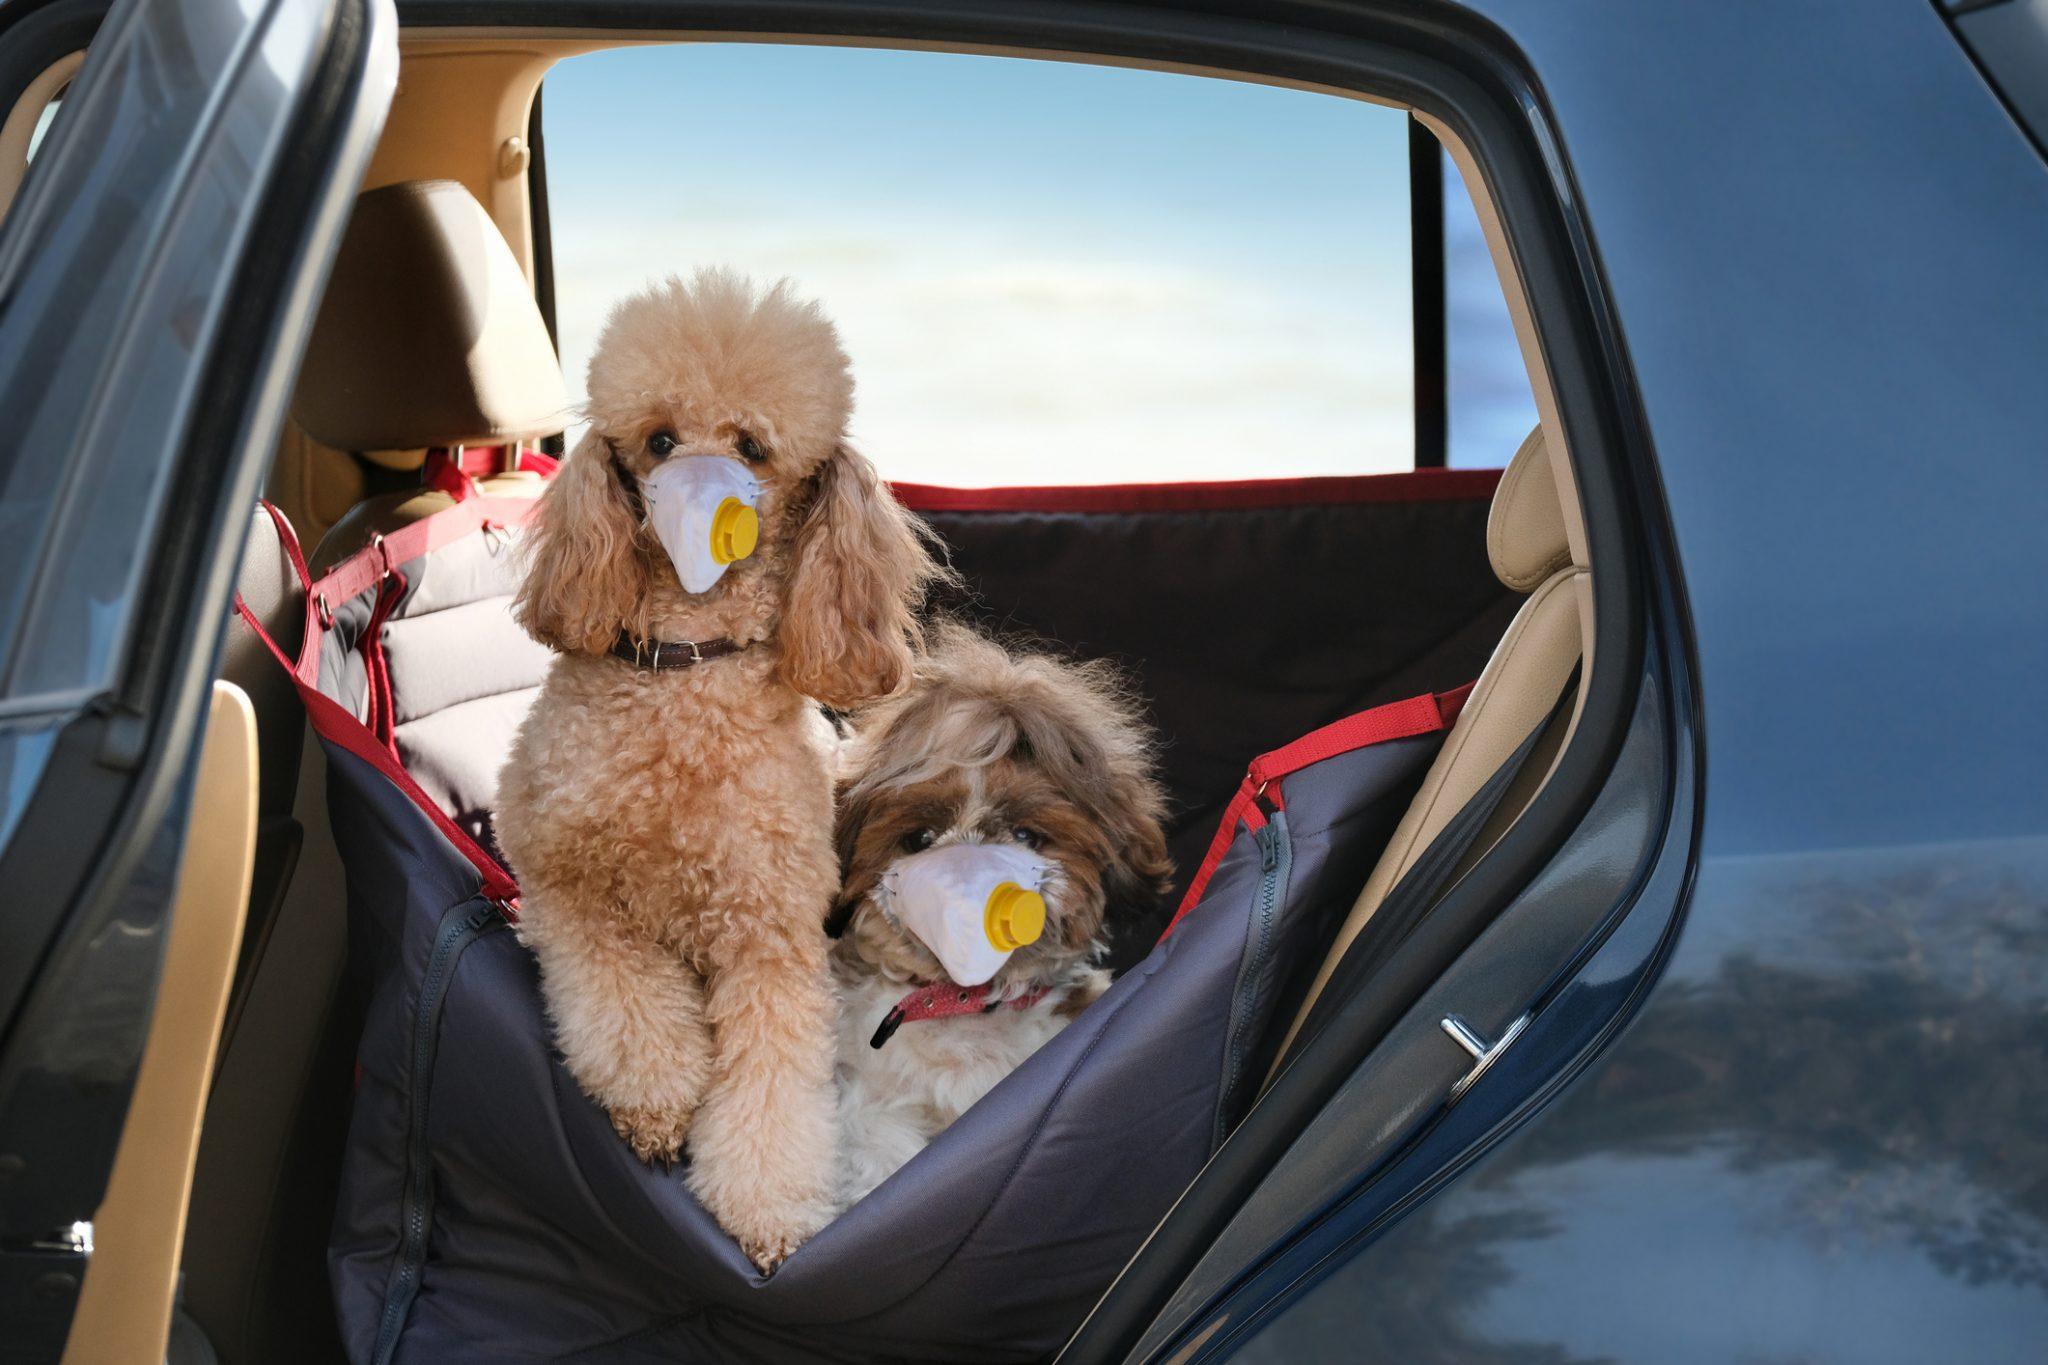 Coronavirus, il primo caso di positività in un cane in Italia: barboncino positivo nel Barese, non può c ...